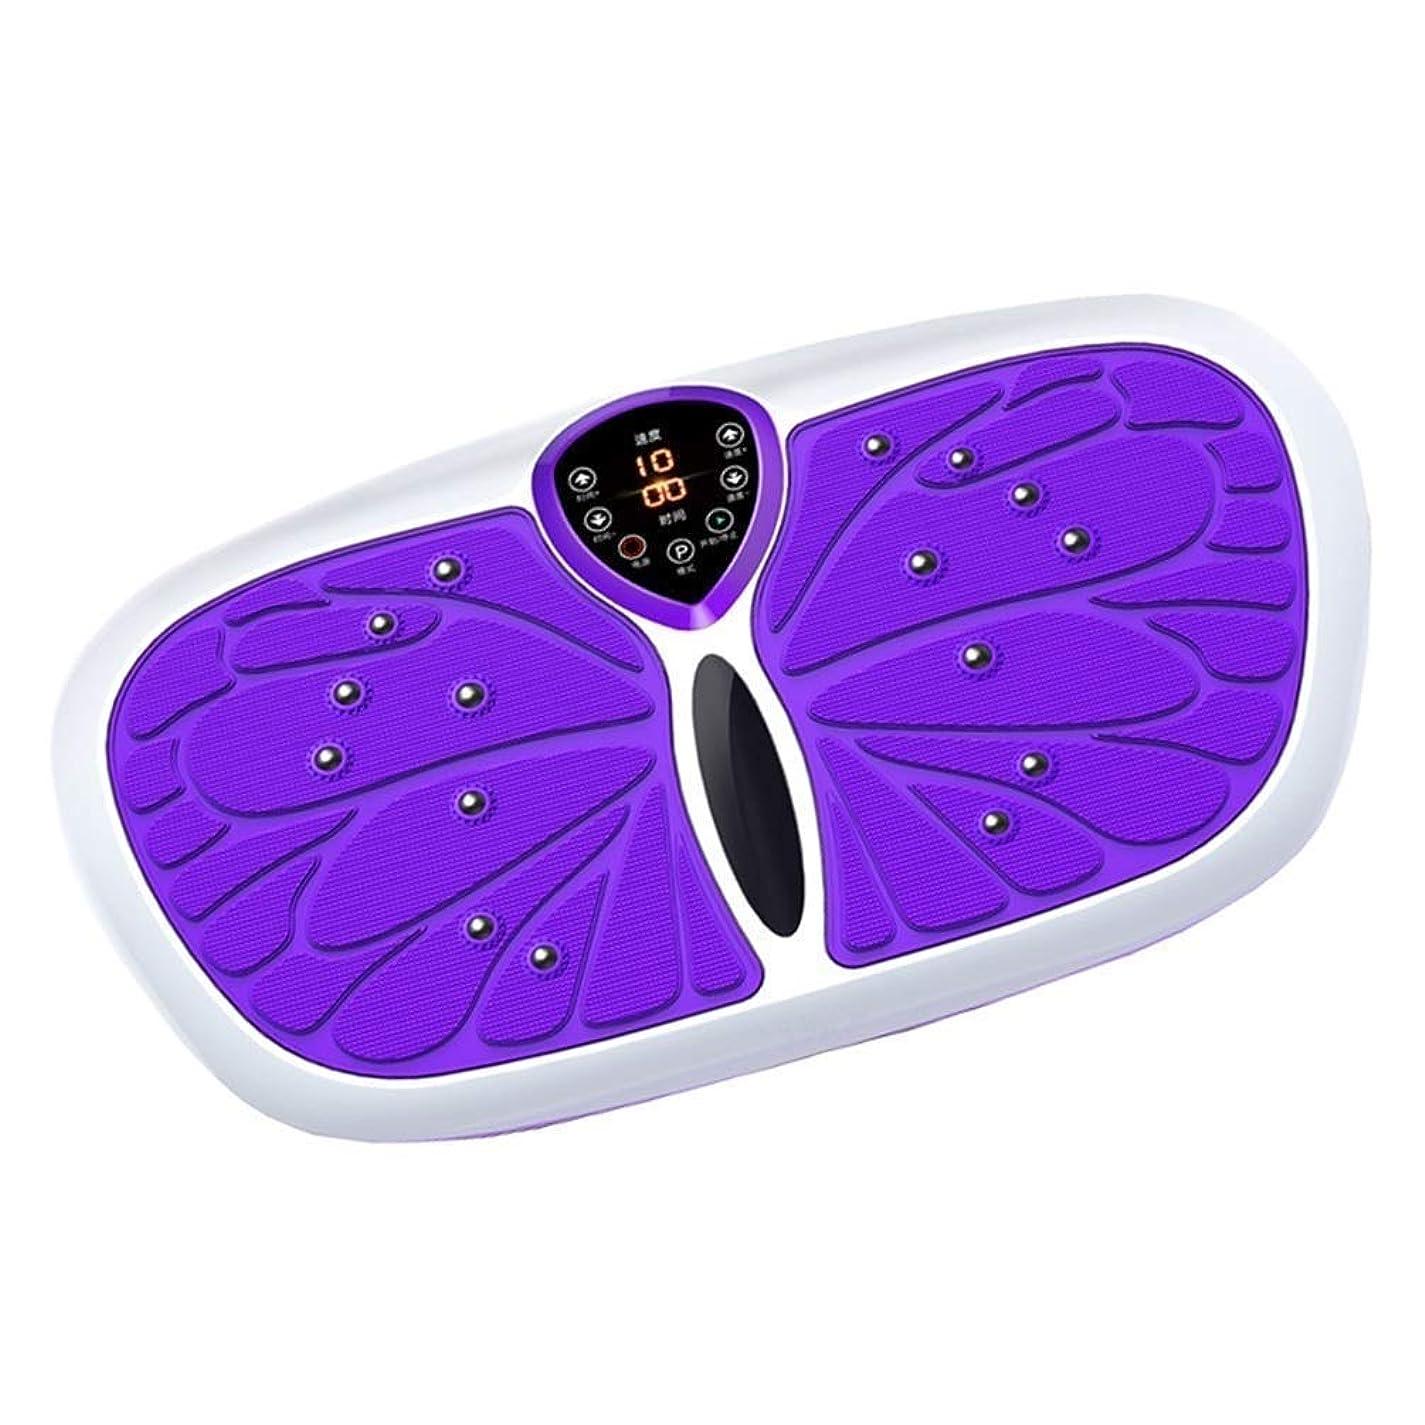 衝突コースウール燃やす力の振動版のトレーナーの運動機械、家の適性の減量のための完全な全身の振動機械、振動試しのプラットホーム機械,紫色